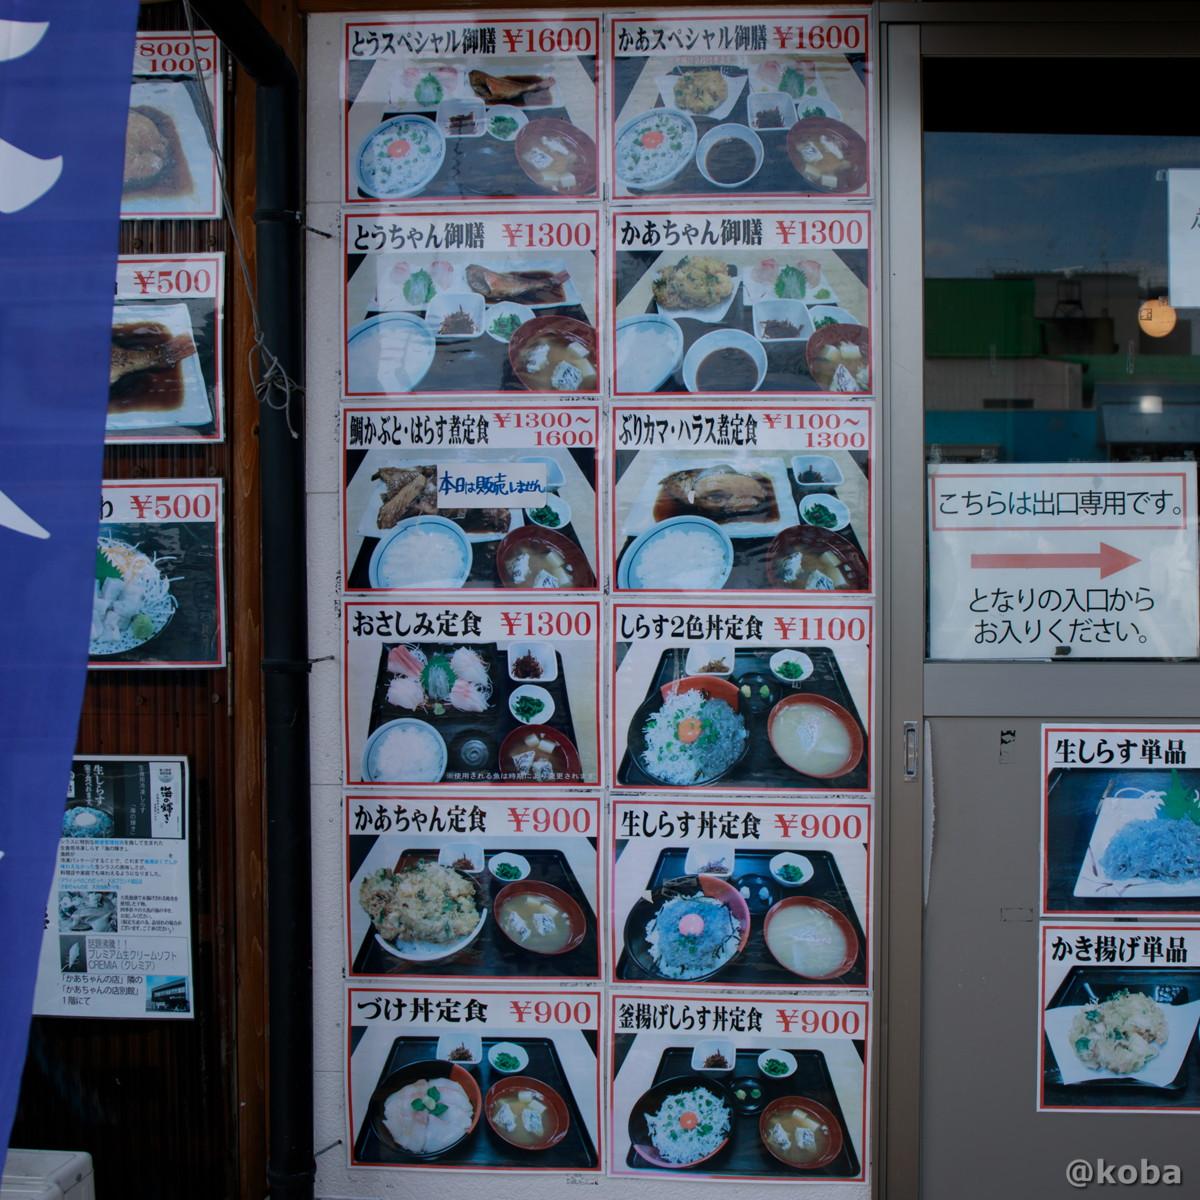 壁に貼られたメニュー│かあちゃんの店│海鮮ランチ│食事処│大洗町磯浜町│こばフォトブログ@koba